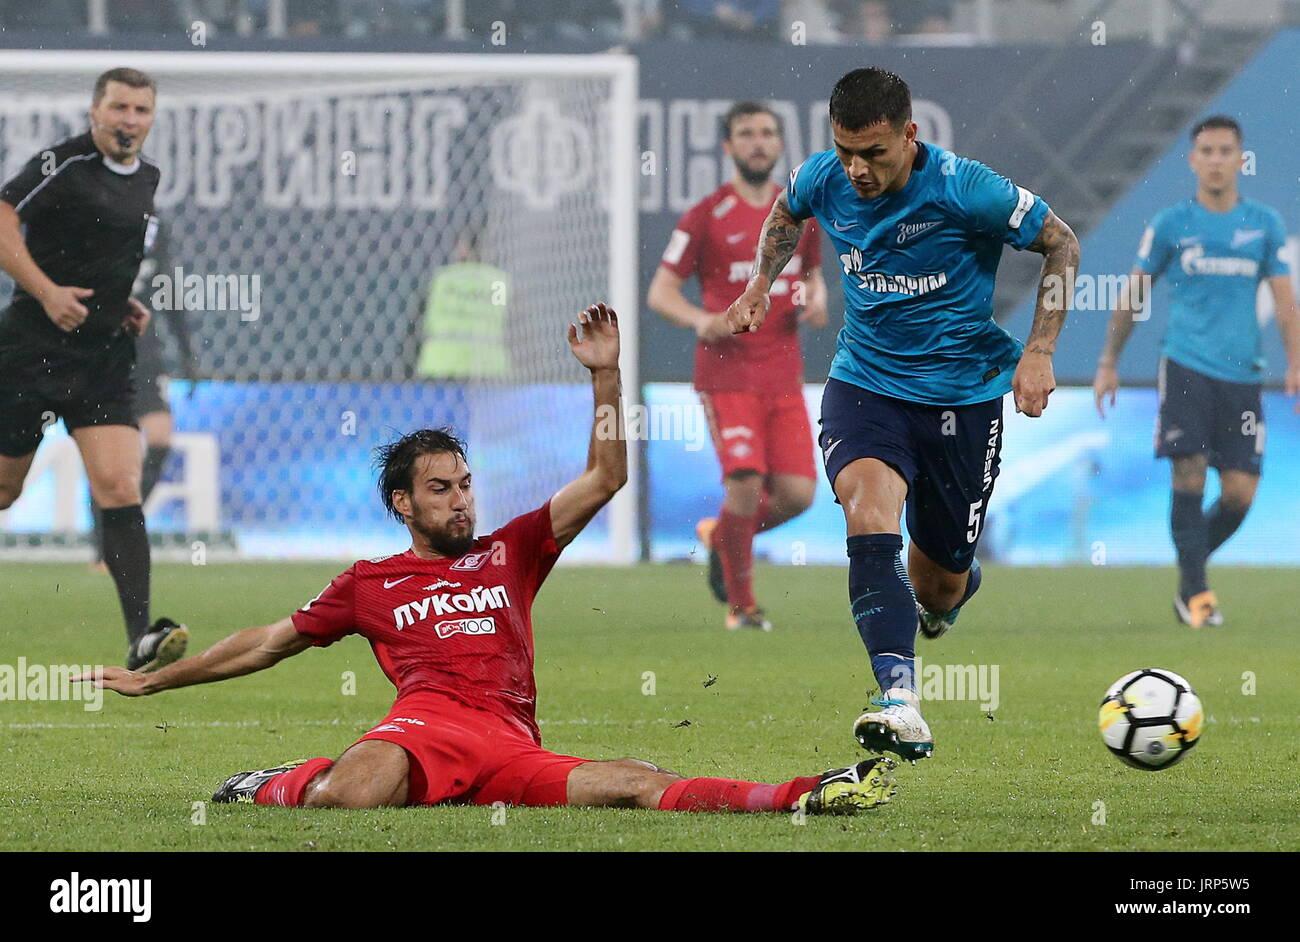 Matches Spartak - Zenit in the season 2018 - 2019 32